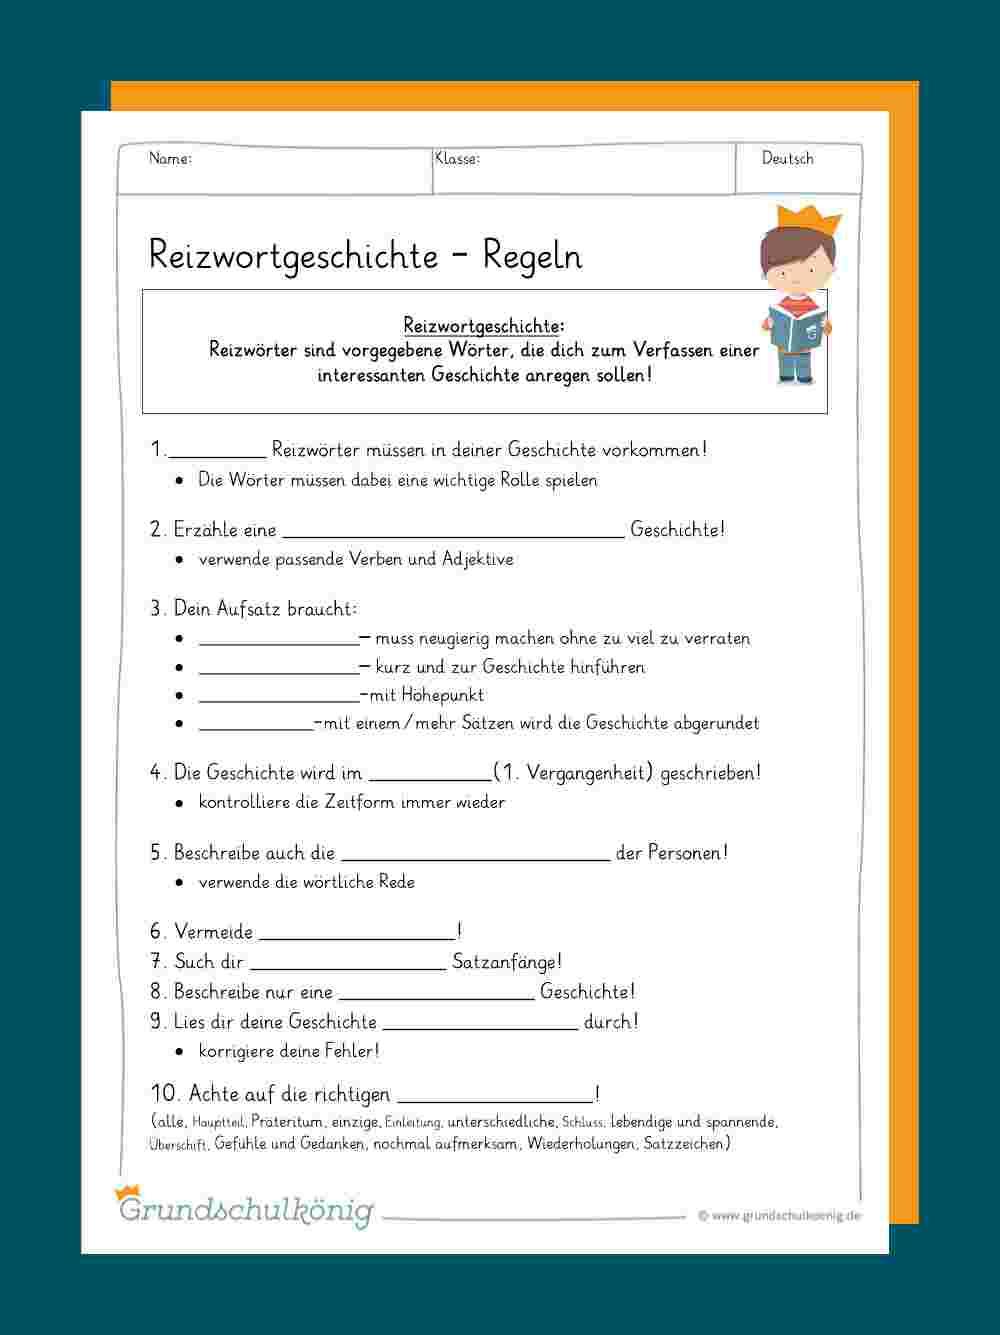 Feriengeschichte Schreiben Grundschule - kinderbilder